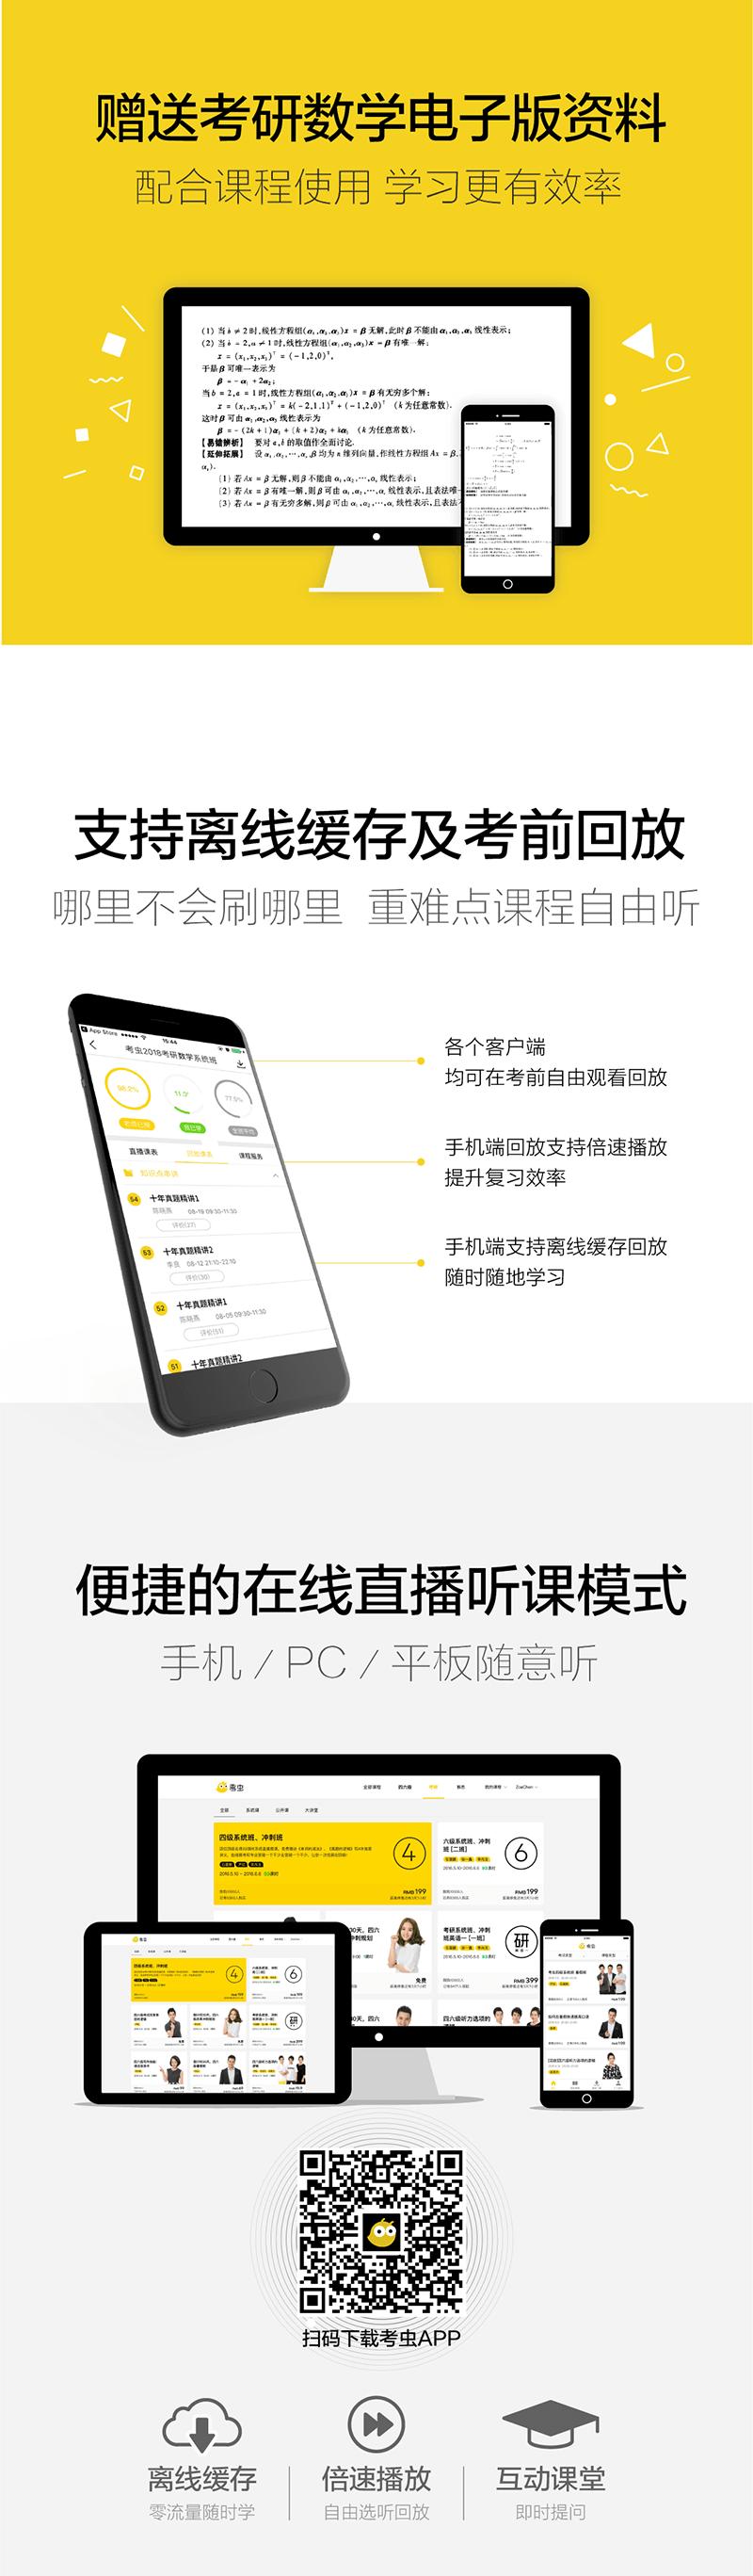 考虫考研数学系统班2018-02.png